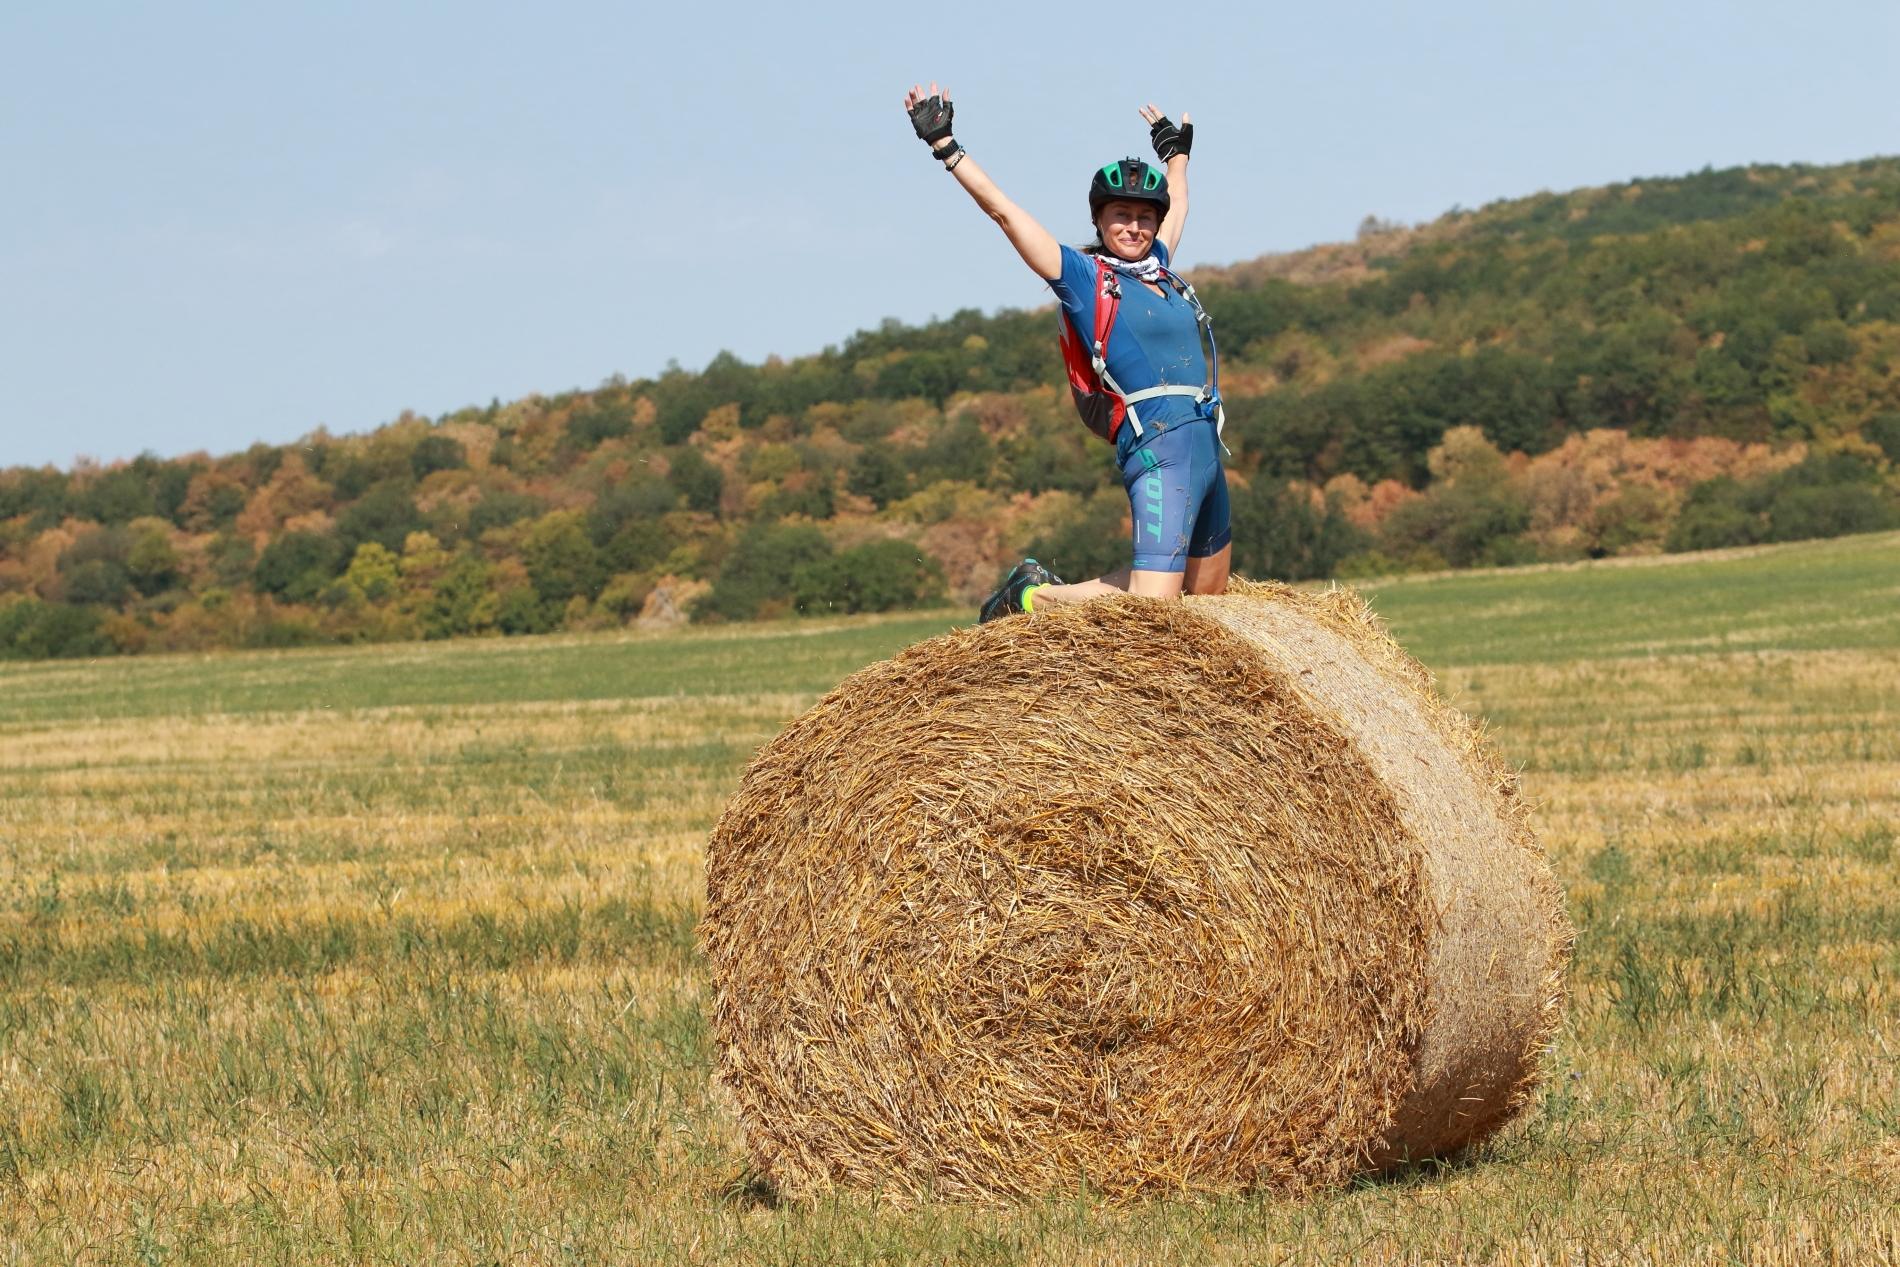 Lucie Výborná preferuje pro cyklistiku horské kolo a možnost jízd přírodou. Foto: archiv Lucie Výborné